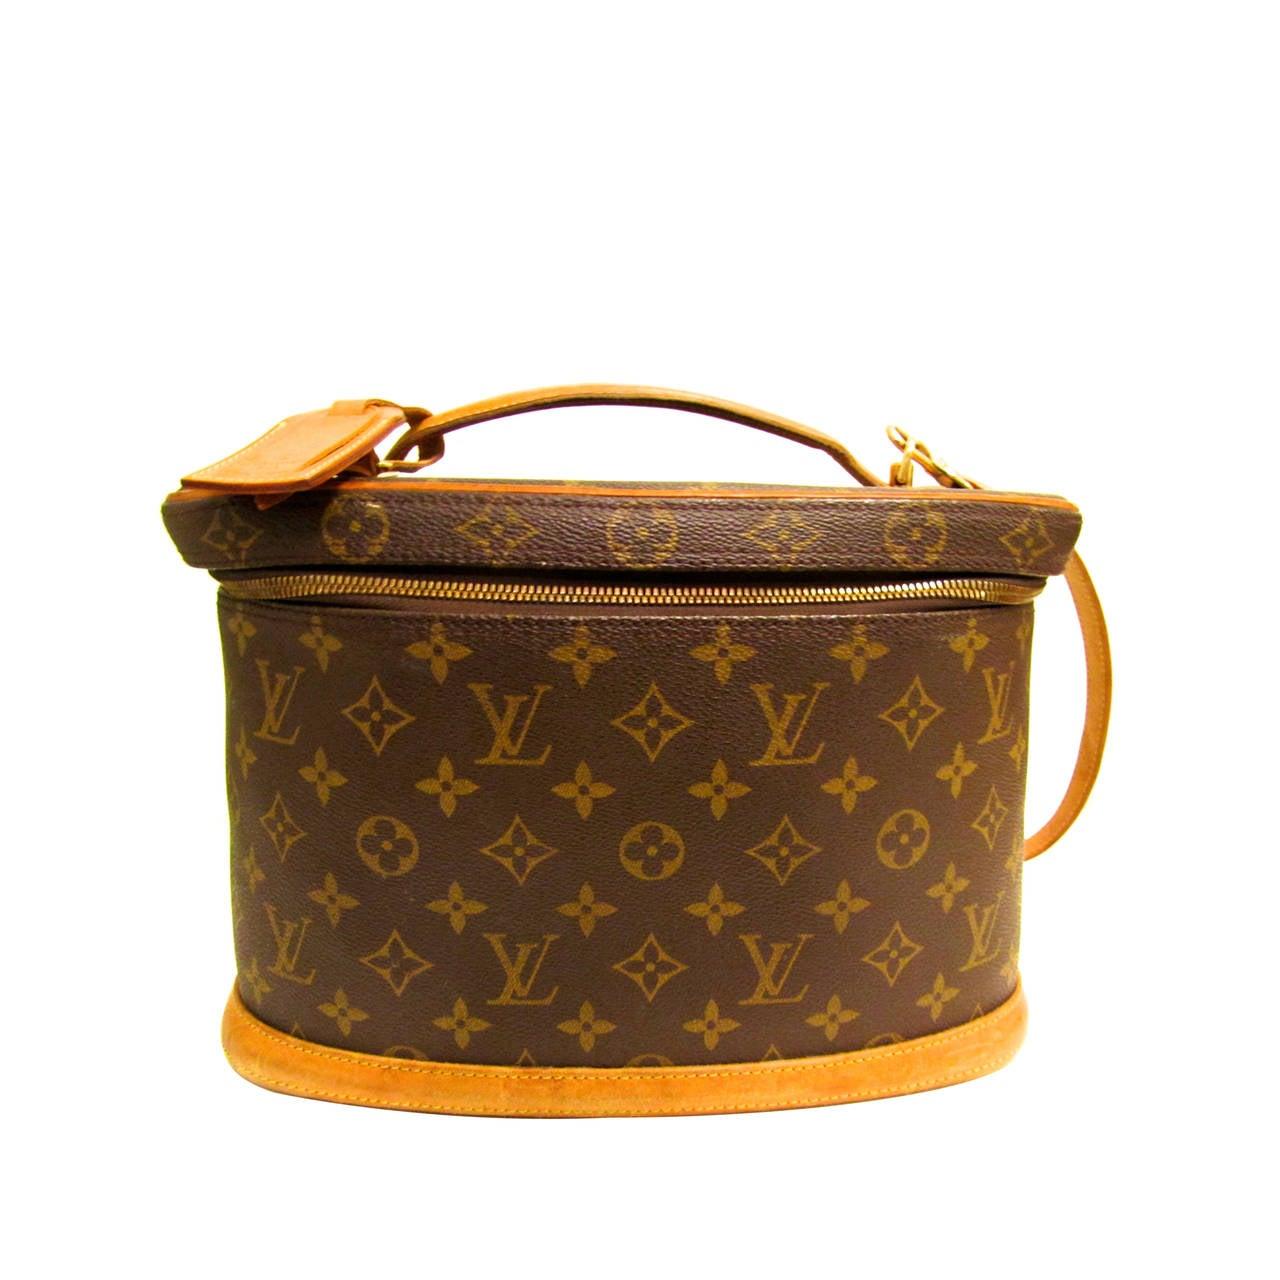 Louis Vuitton Train Case / Traveling Makeup Bag 1